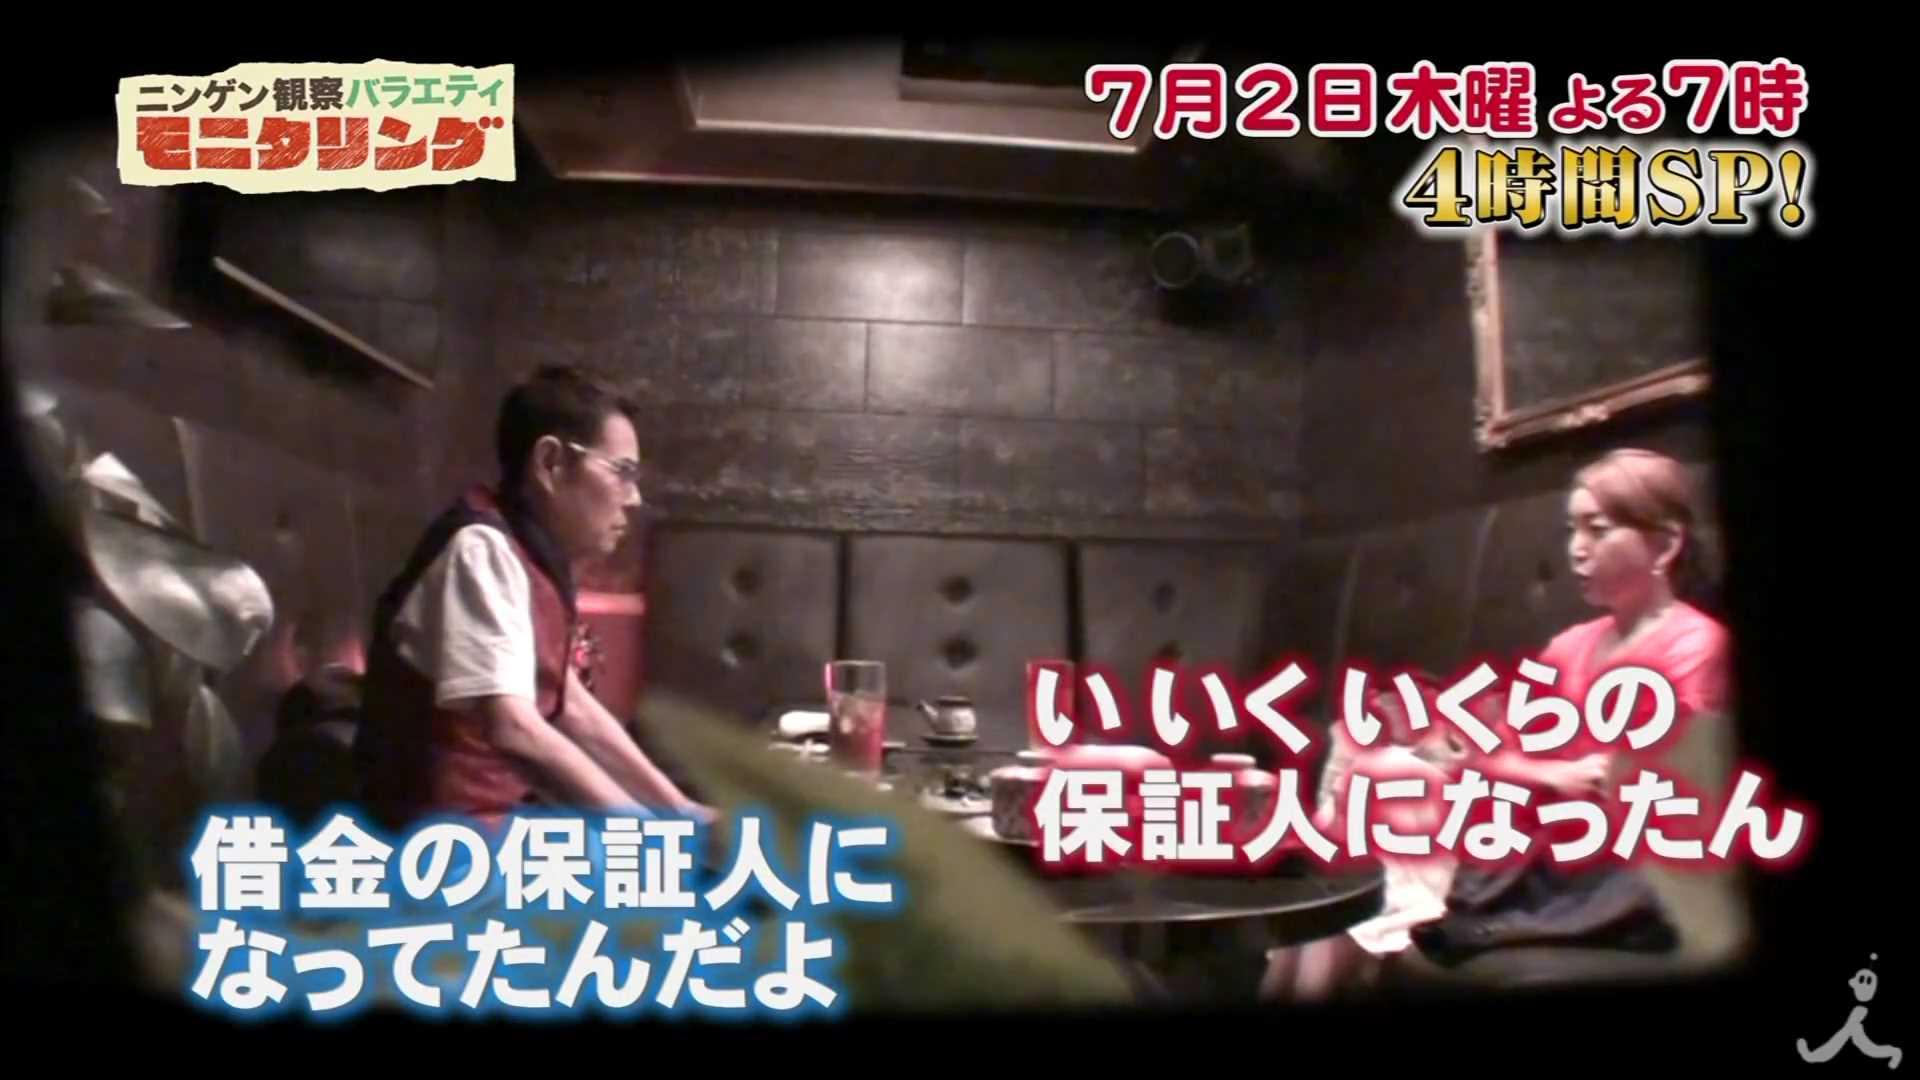 加藤茶に借金1億円発覚!その時妻は! 7 2(木)『モニタリング』【TBS】.mp4_20150703_123007.643